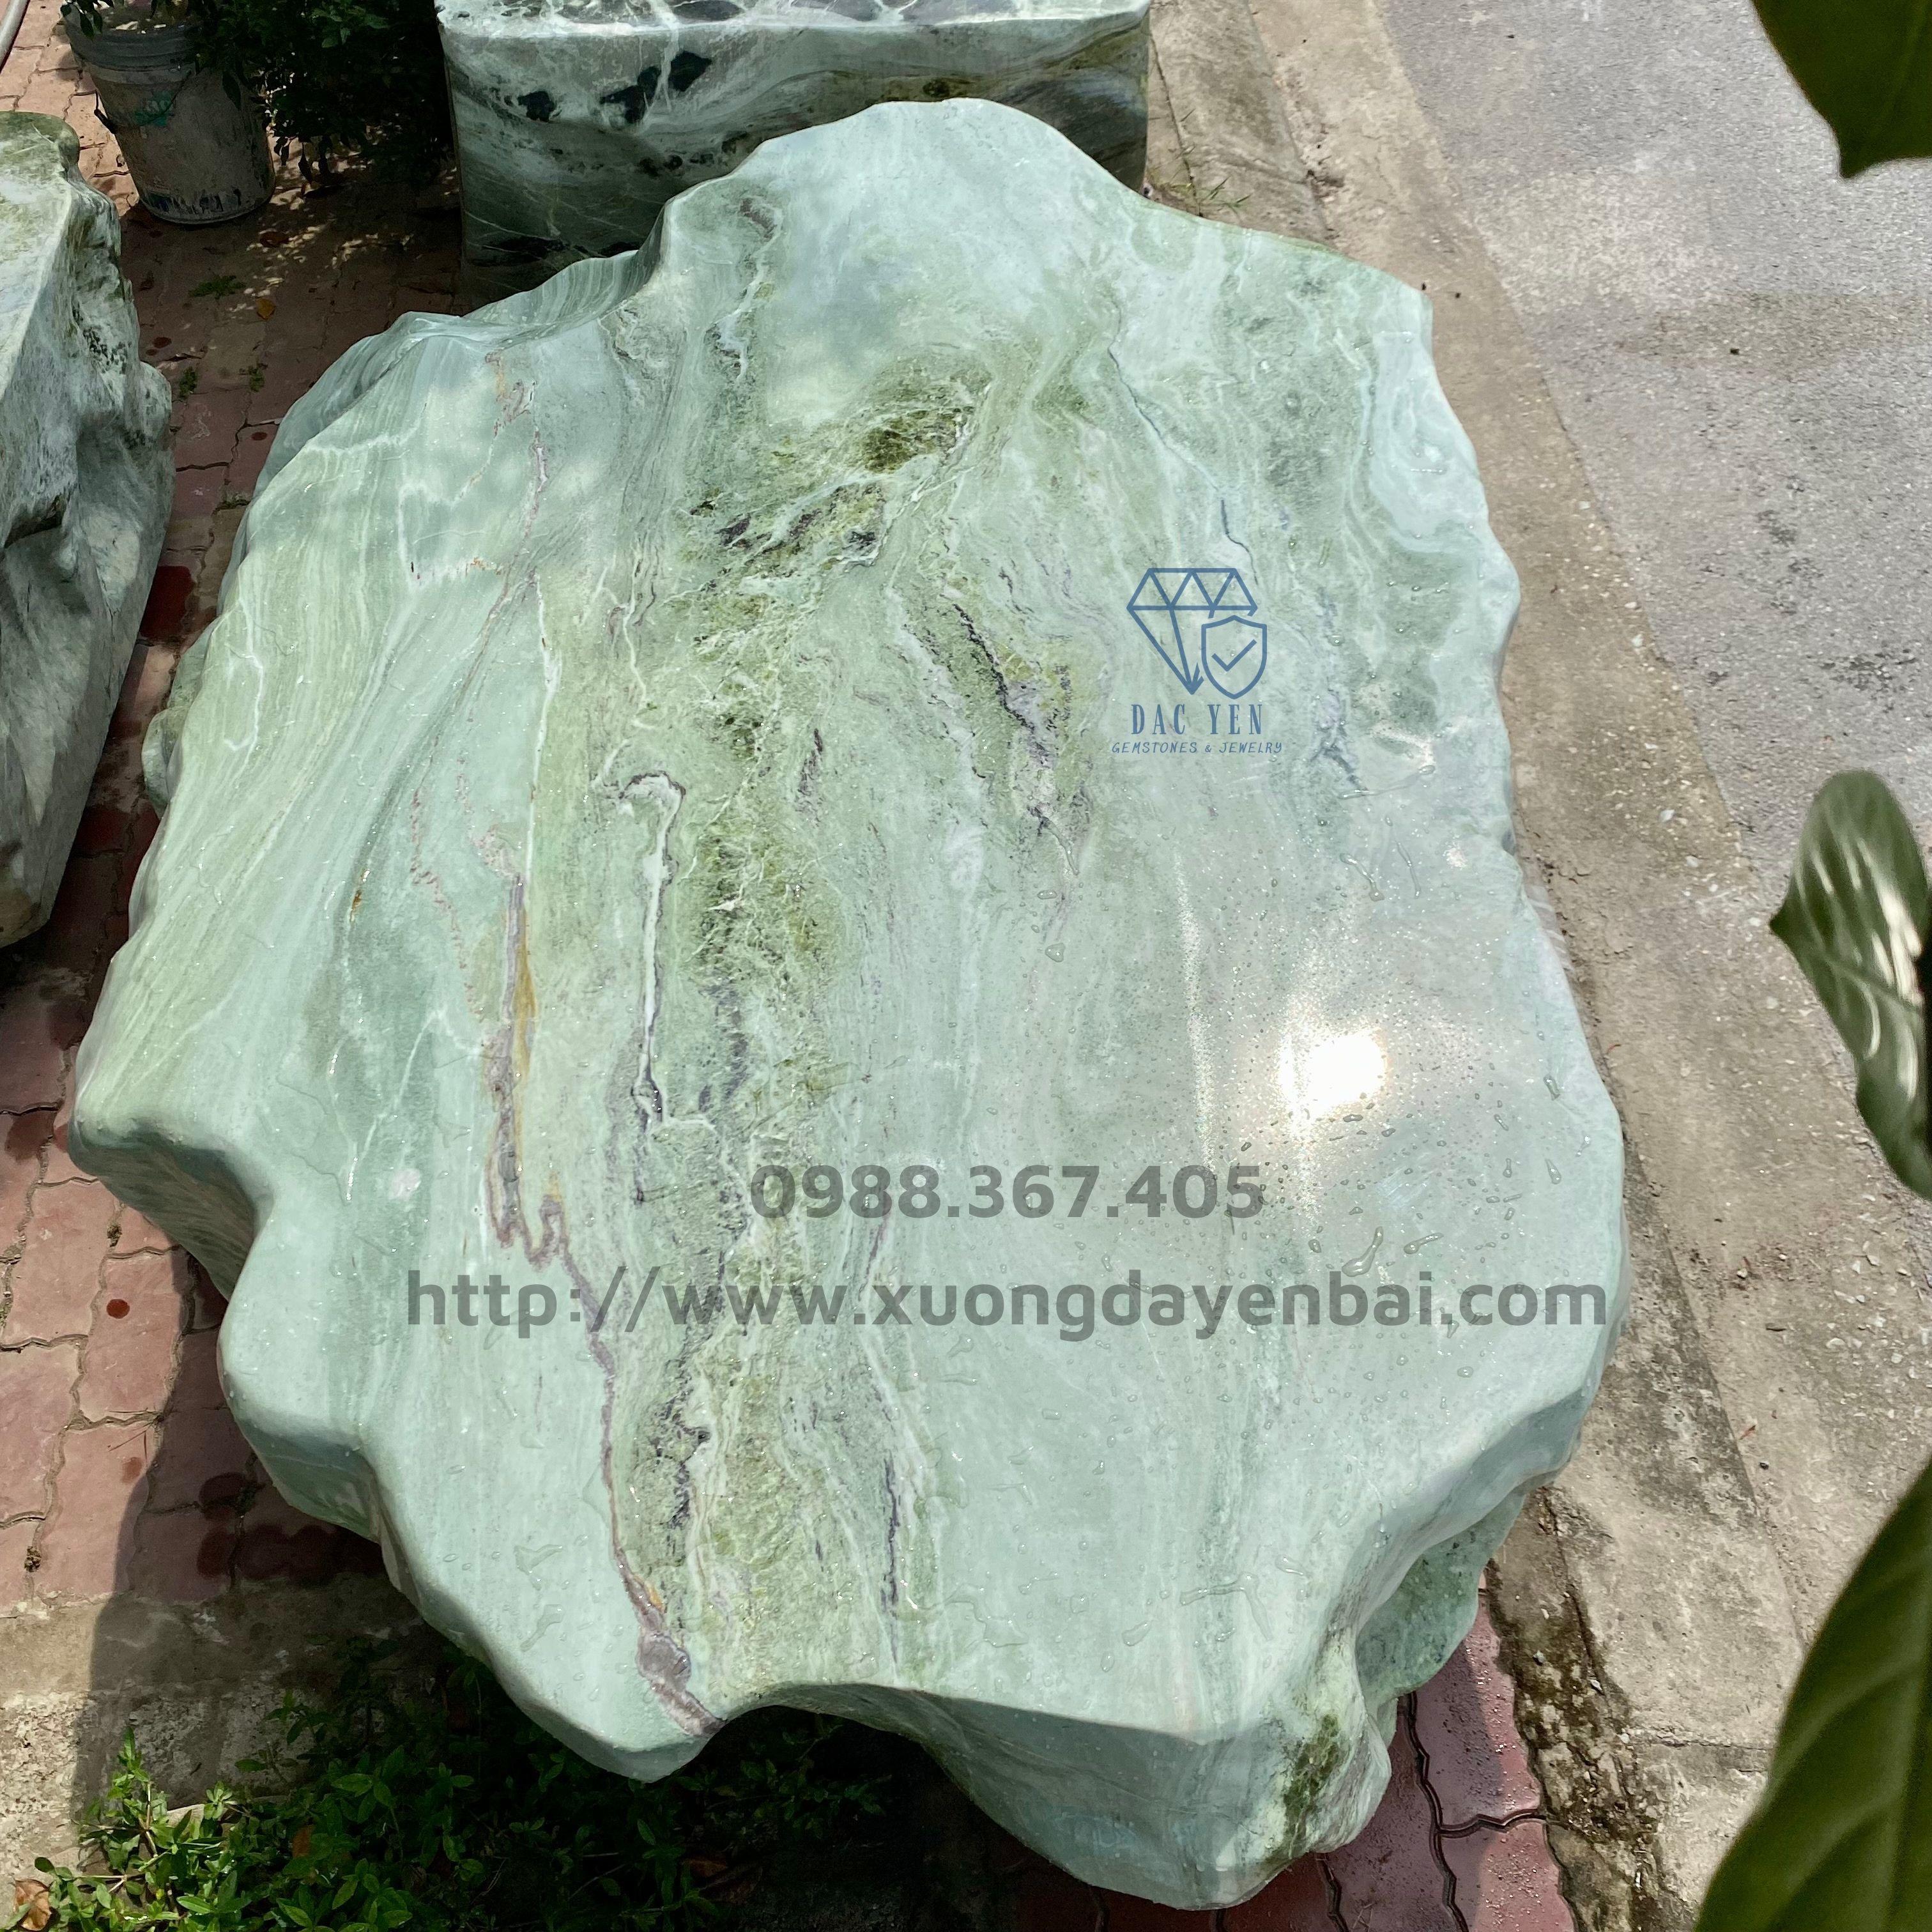 Bàn ghế đá nguyên khối, bàn ghế đá yên bái, bàn ghế đá sân vườn VIP